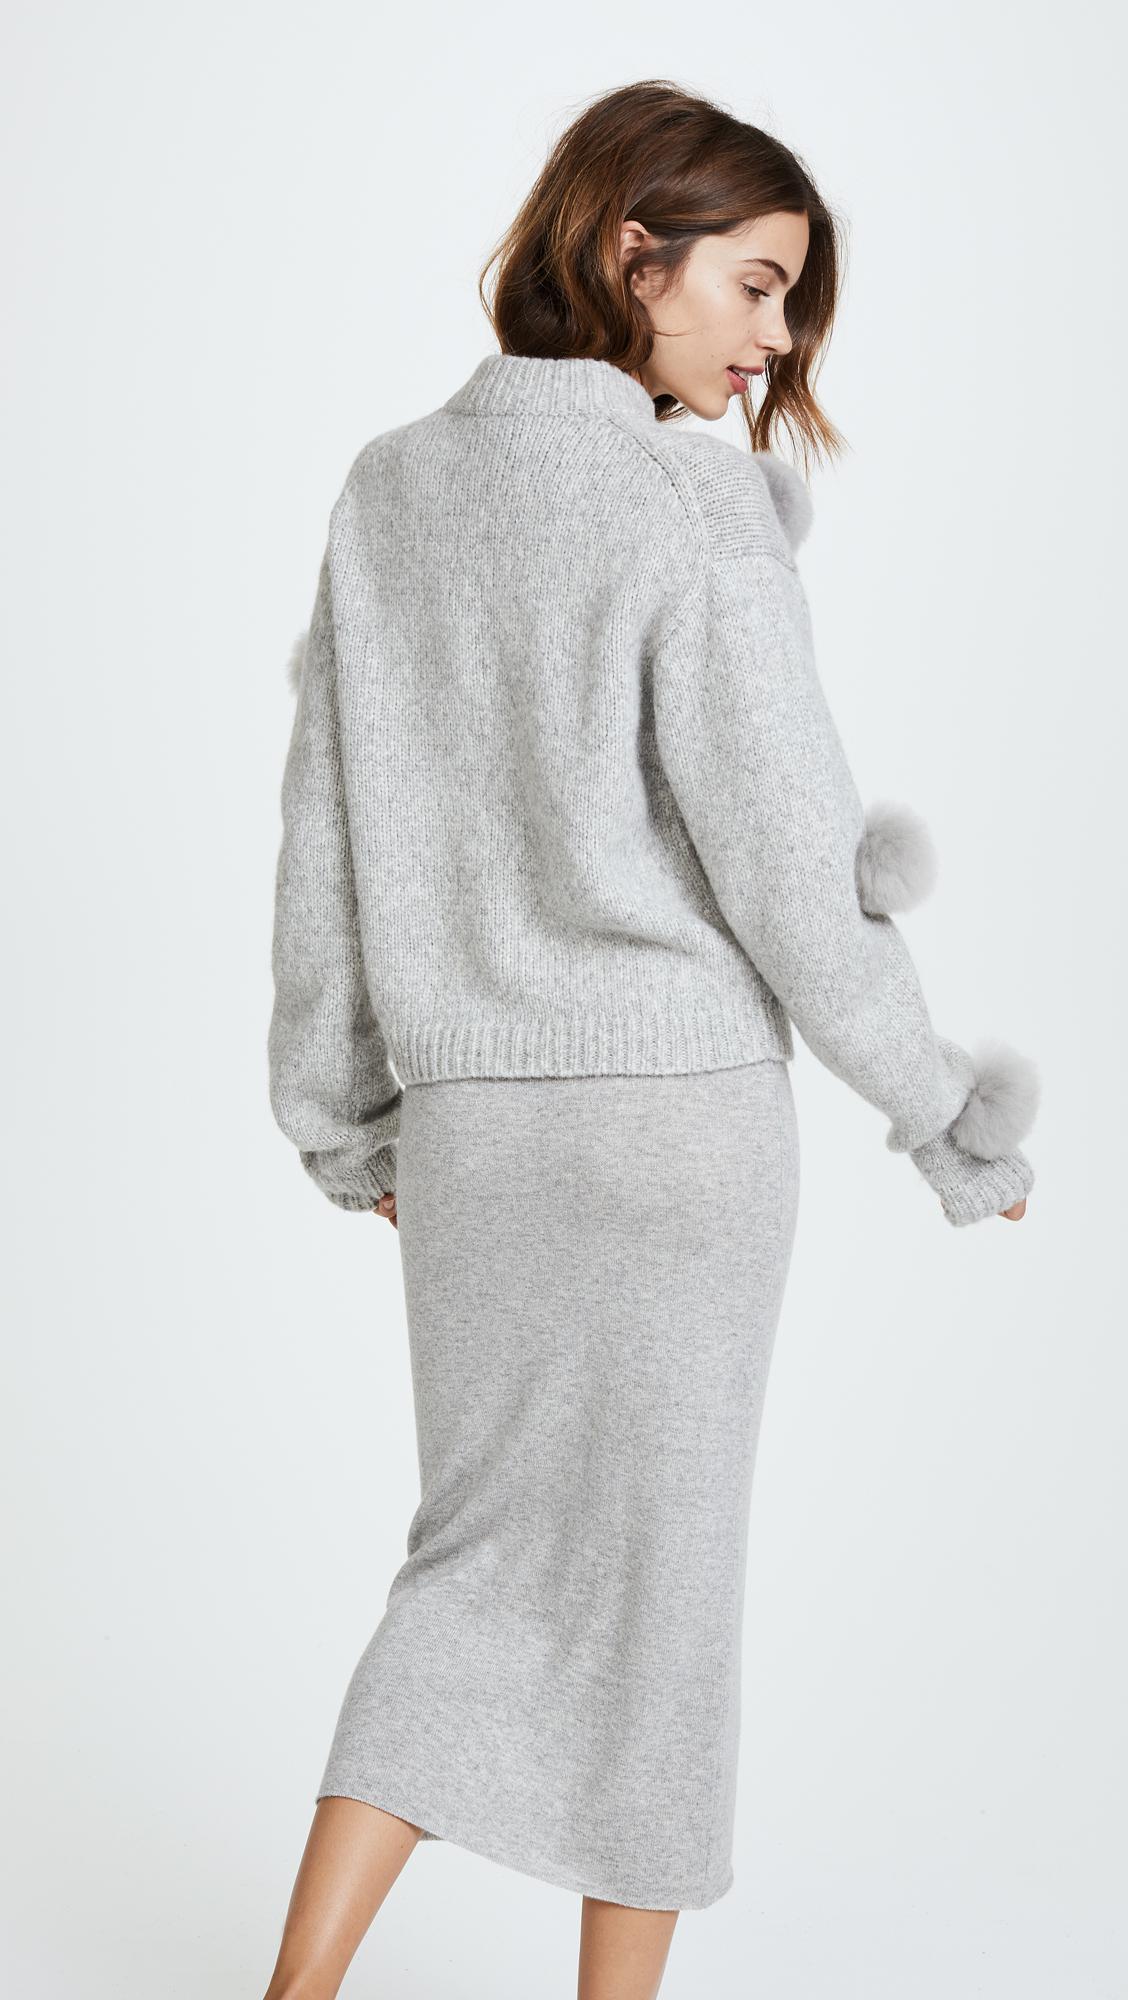 Lyst Tibi Cropped Alpaca Pom Pom Sweater In Gray